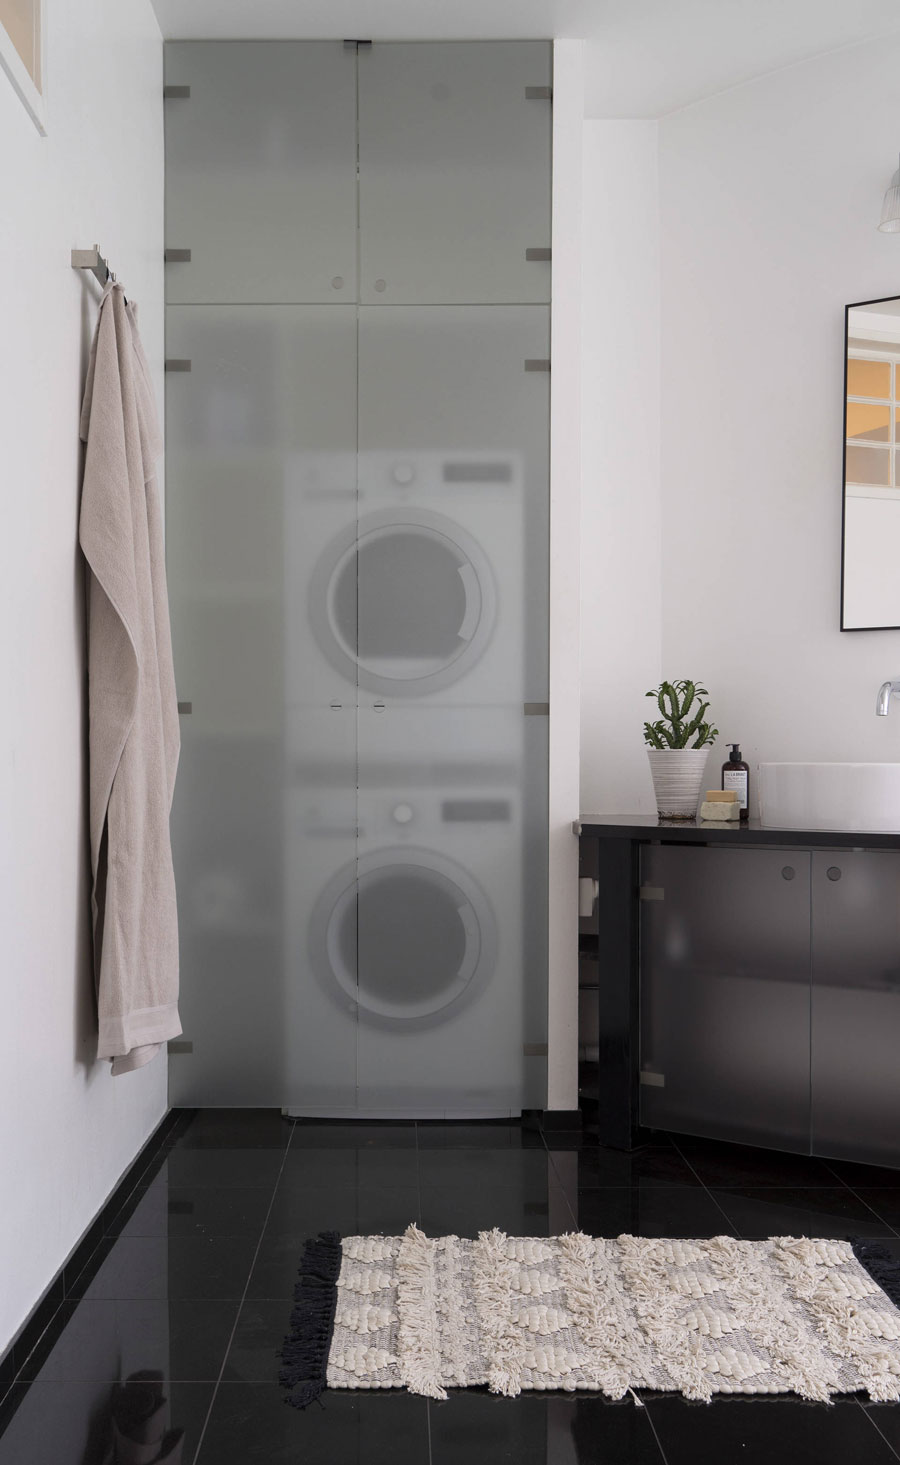 Mooie oplossing voor ronde muur in de badkamer